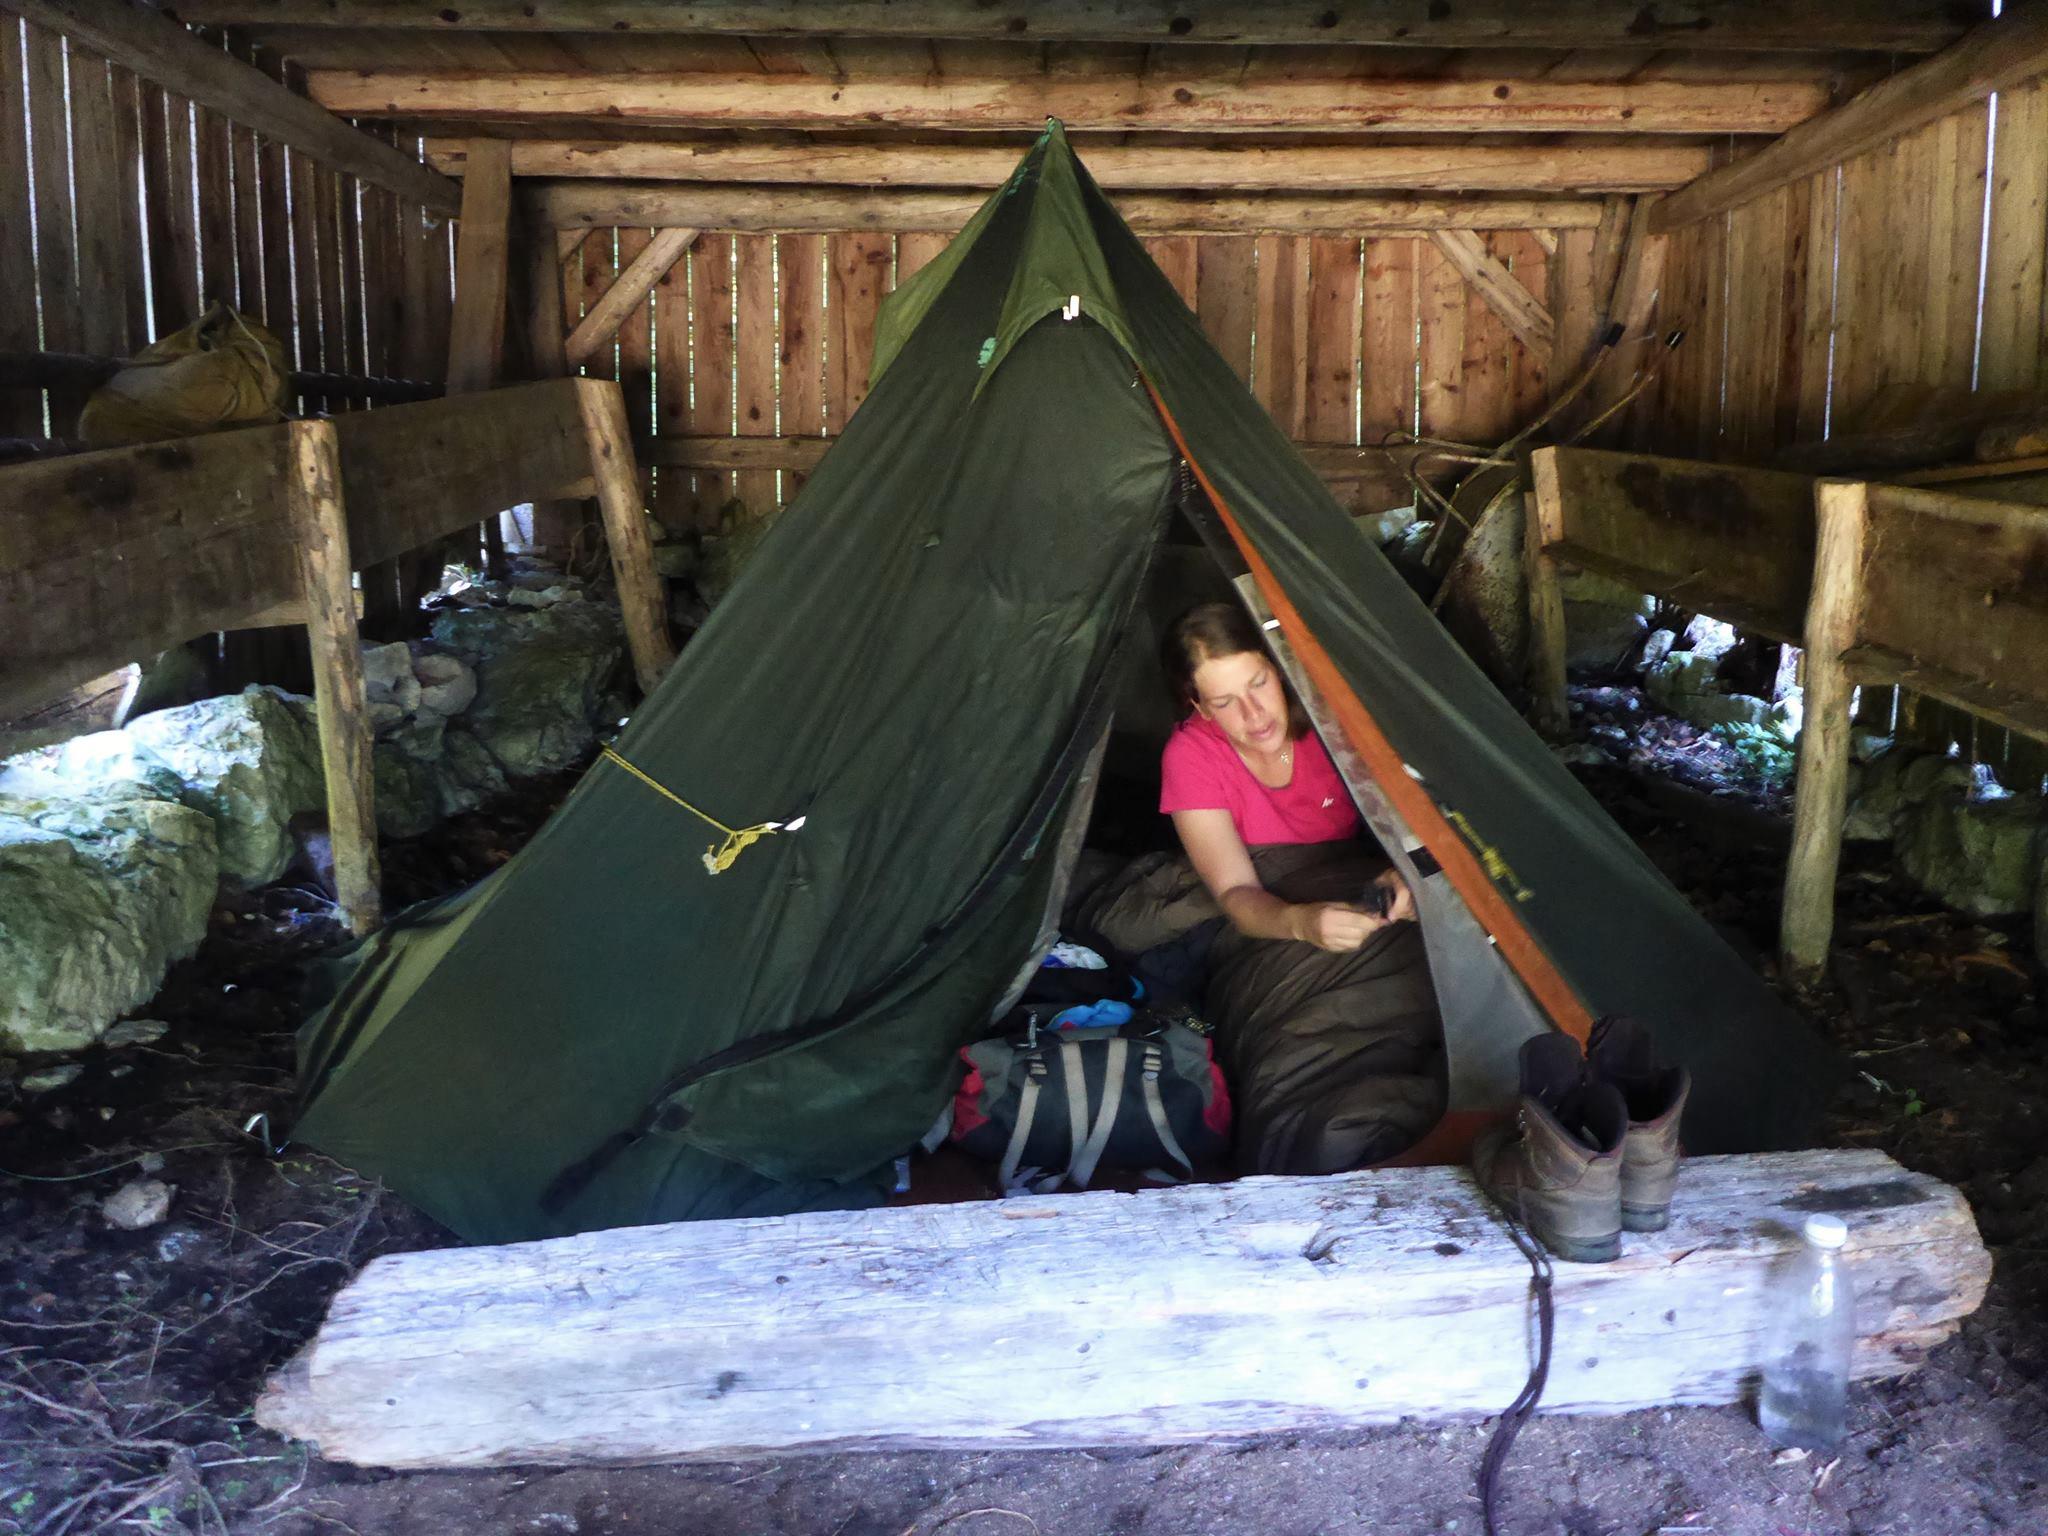 La pluie faisant des siennes, nous plantons la tente sous une vieille grange découverte dans les bois